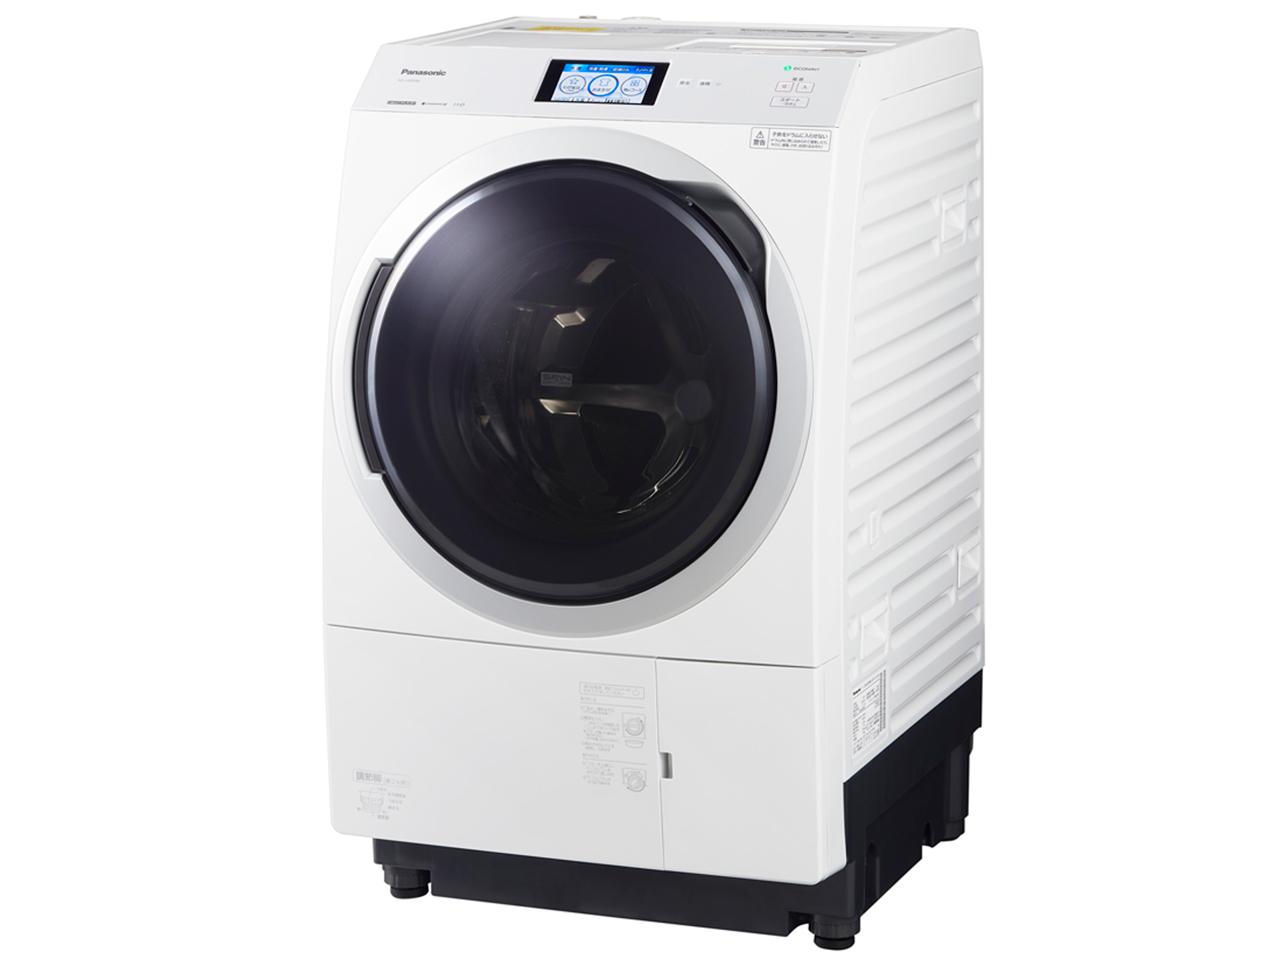 NA-VX900BL-W [クリスタルホワイト] の製品画像